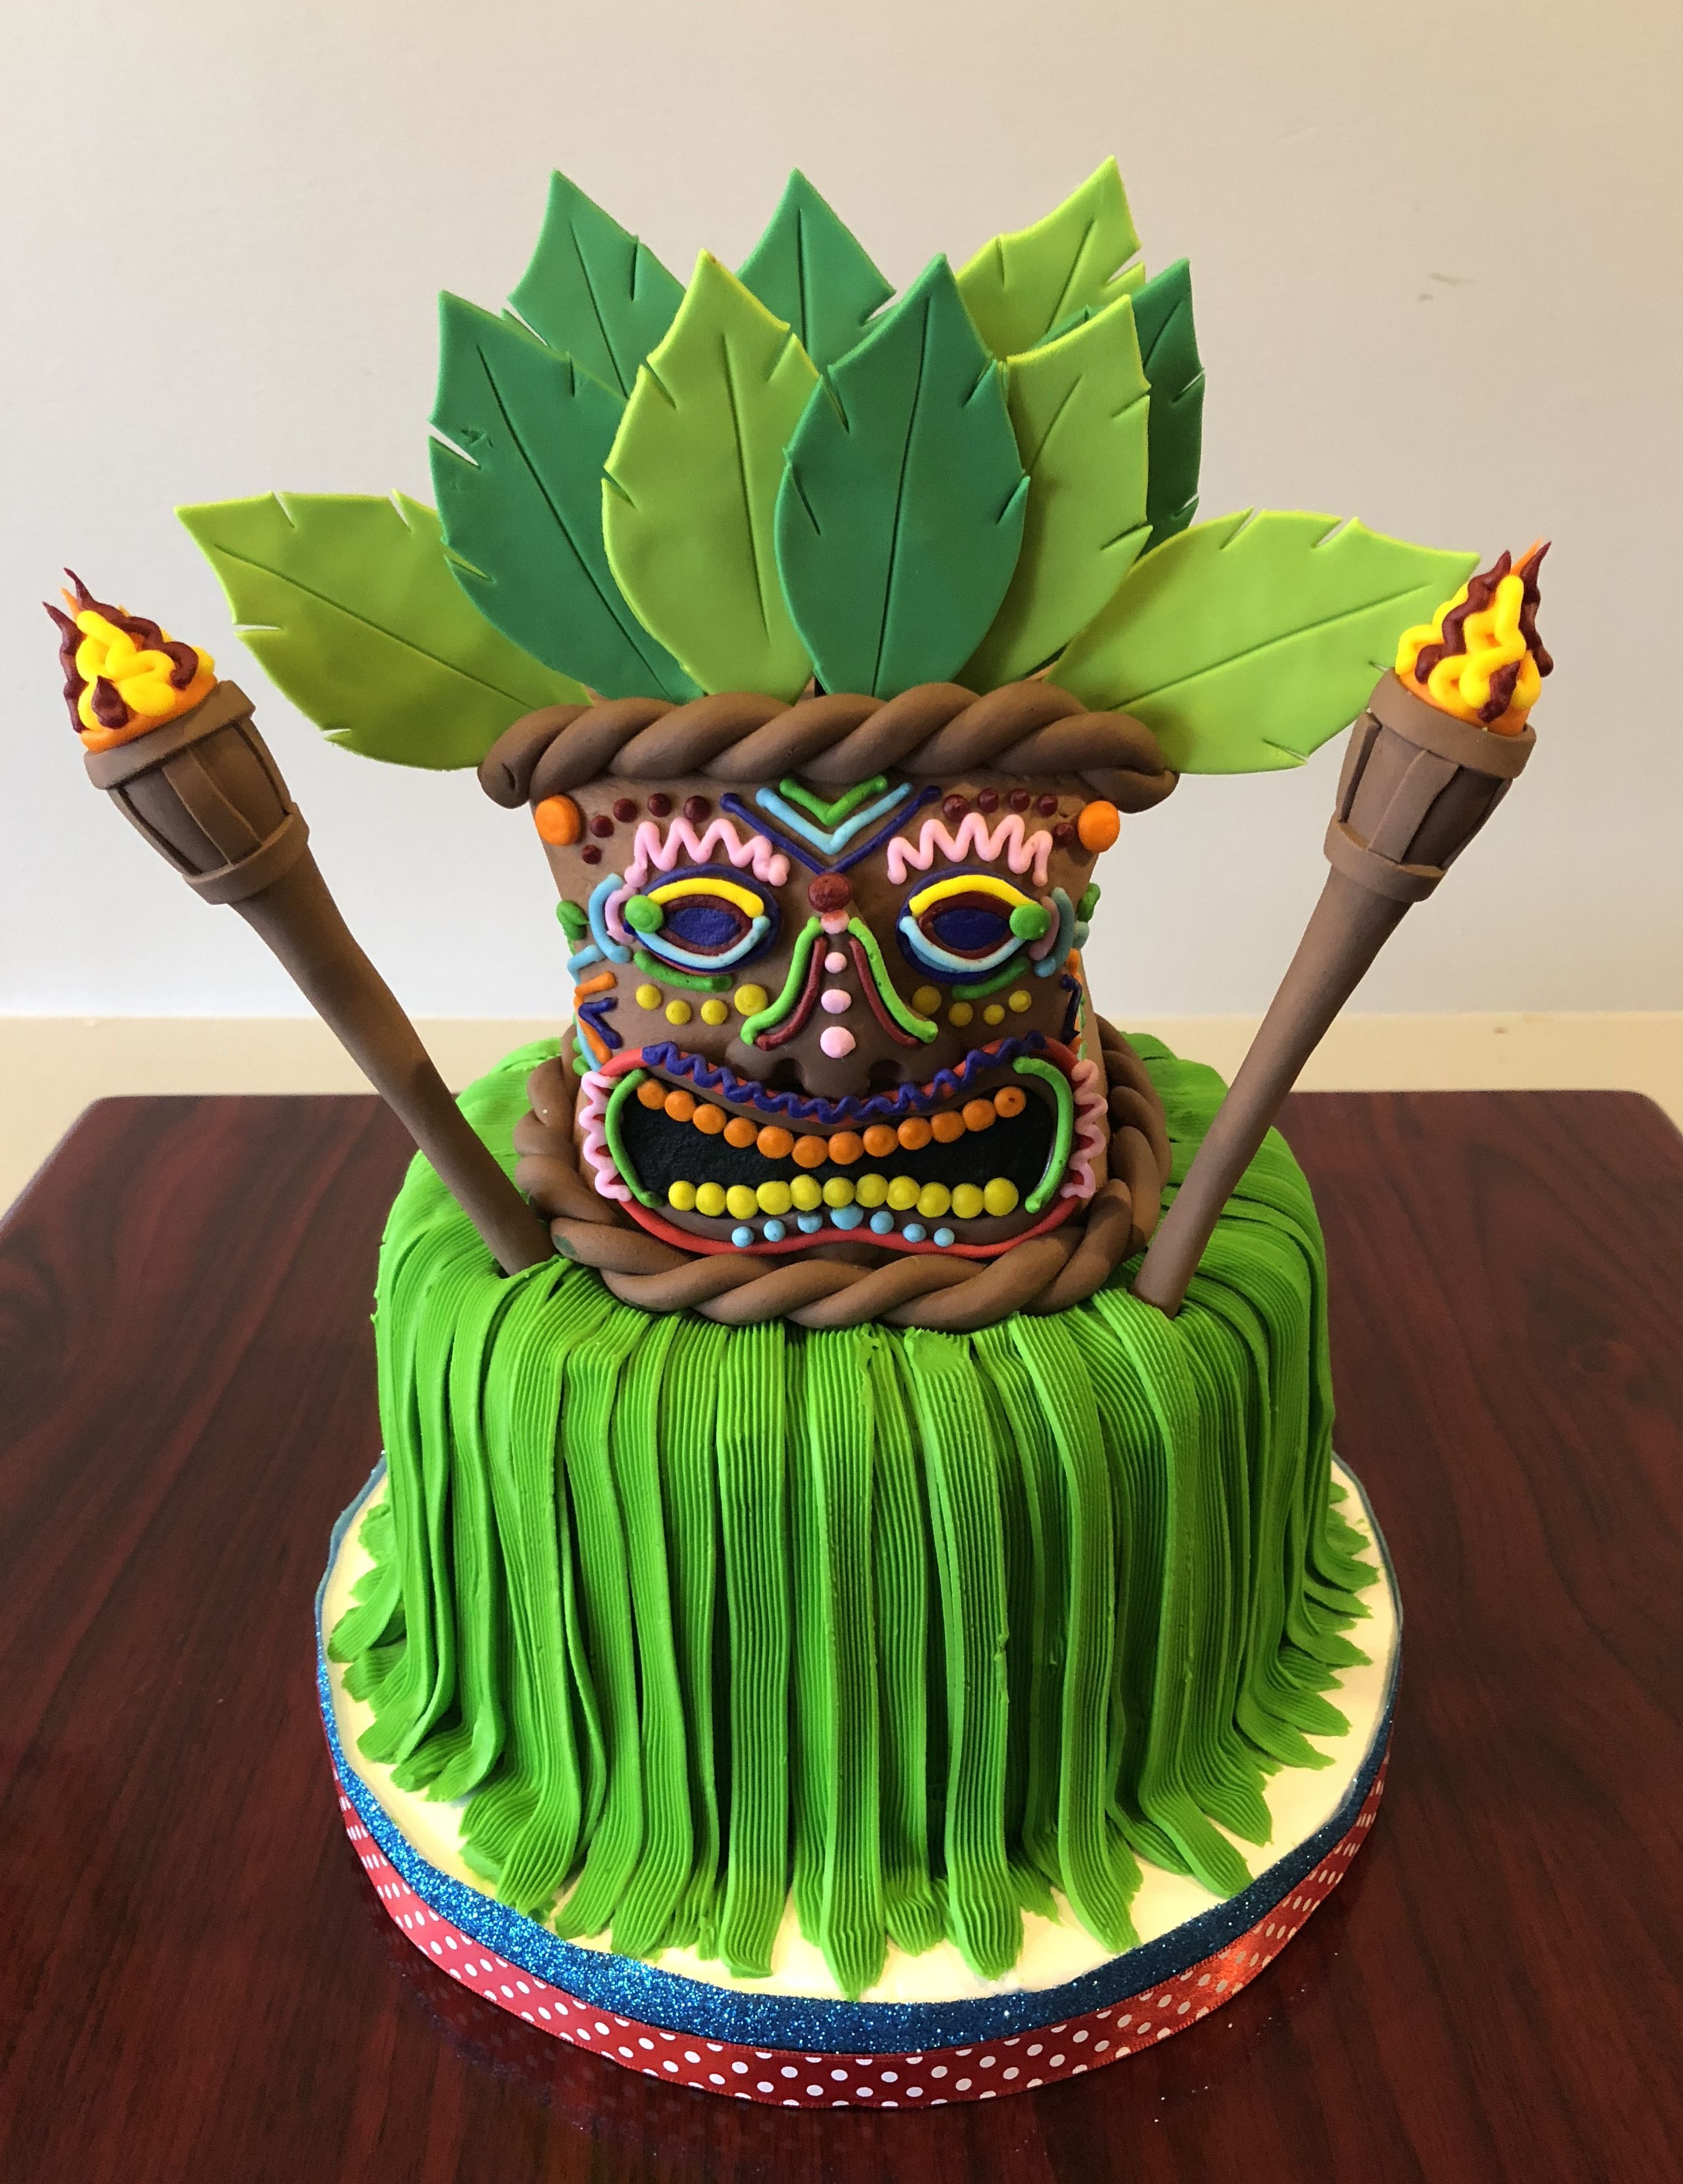 Astonishing Luau Tiki Cake Adrienne Co Bakery Tiki Cake Luau Party Funny Birthday Cards Online Elaedamsfinfo